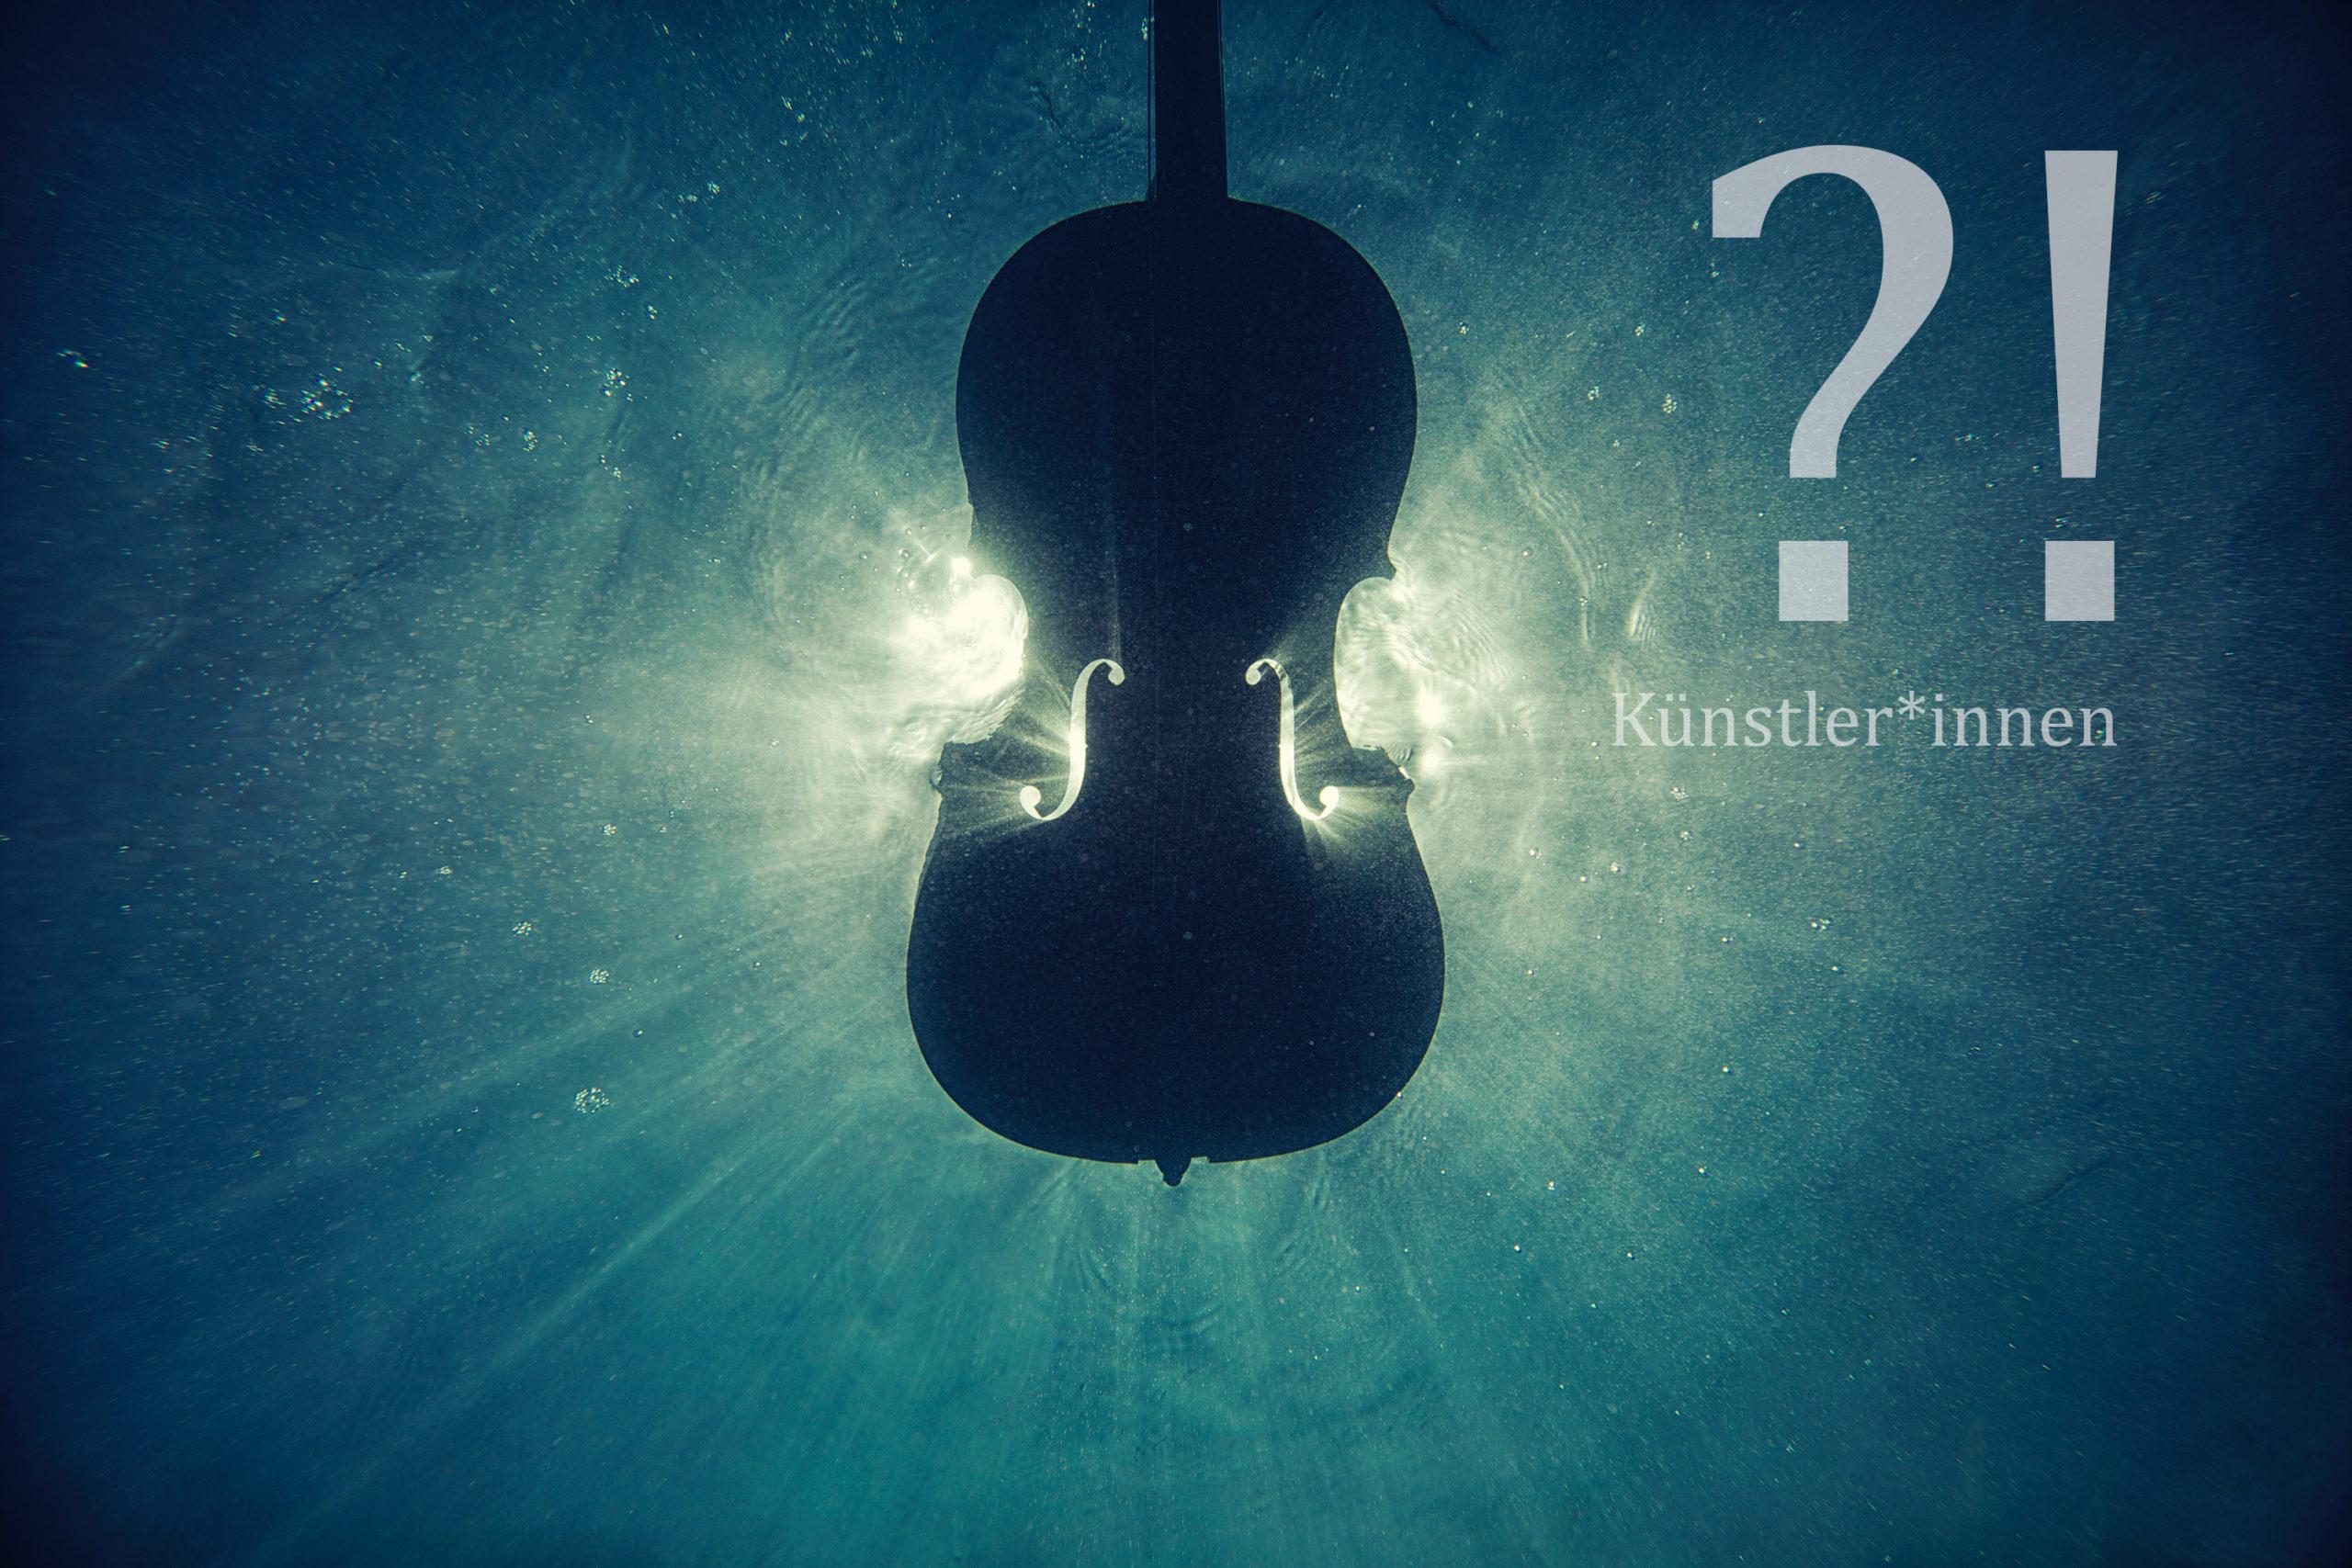 Künstler*innen der klassischen Musik